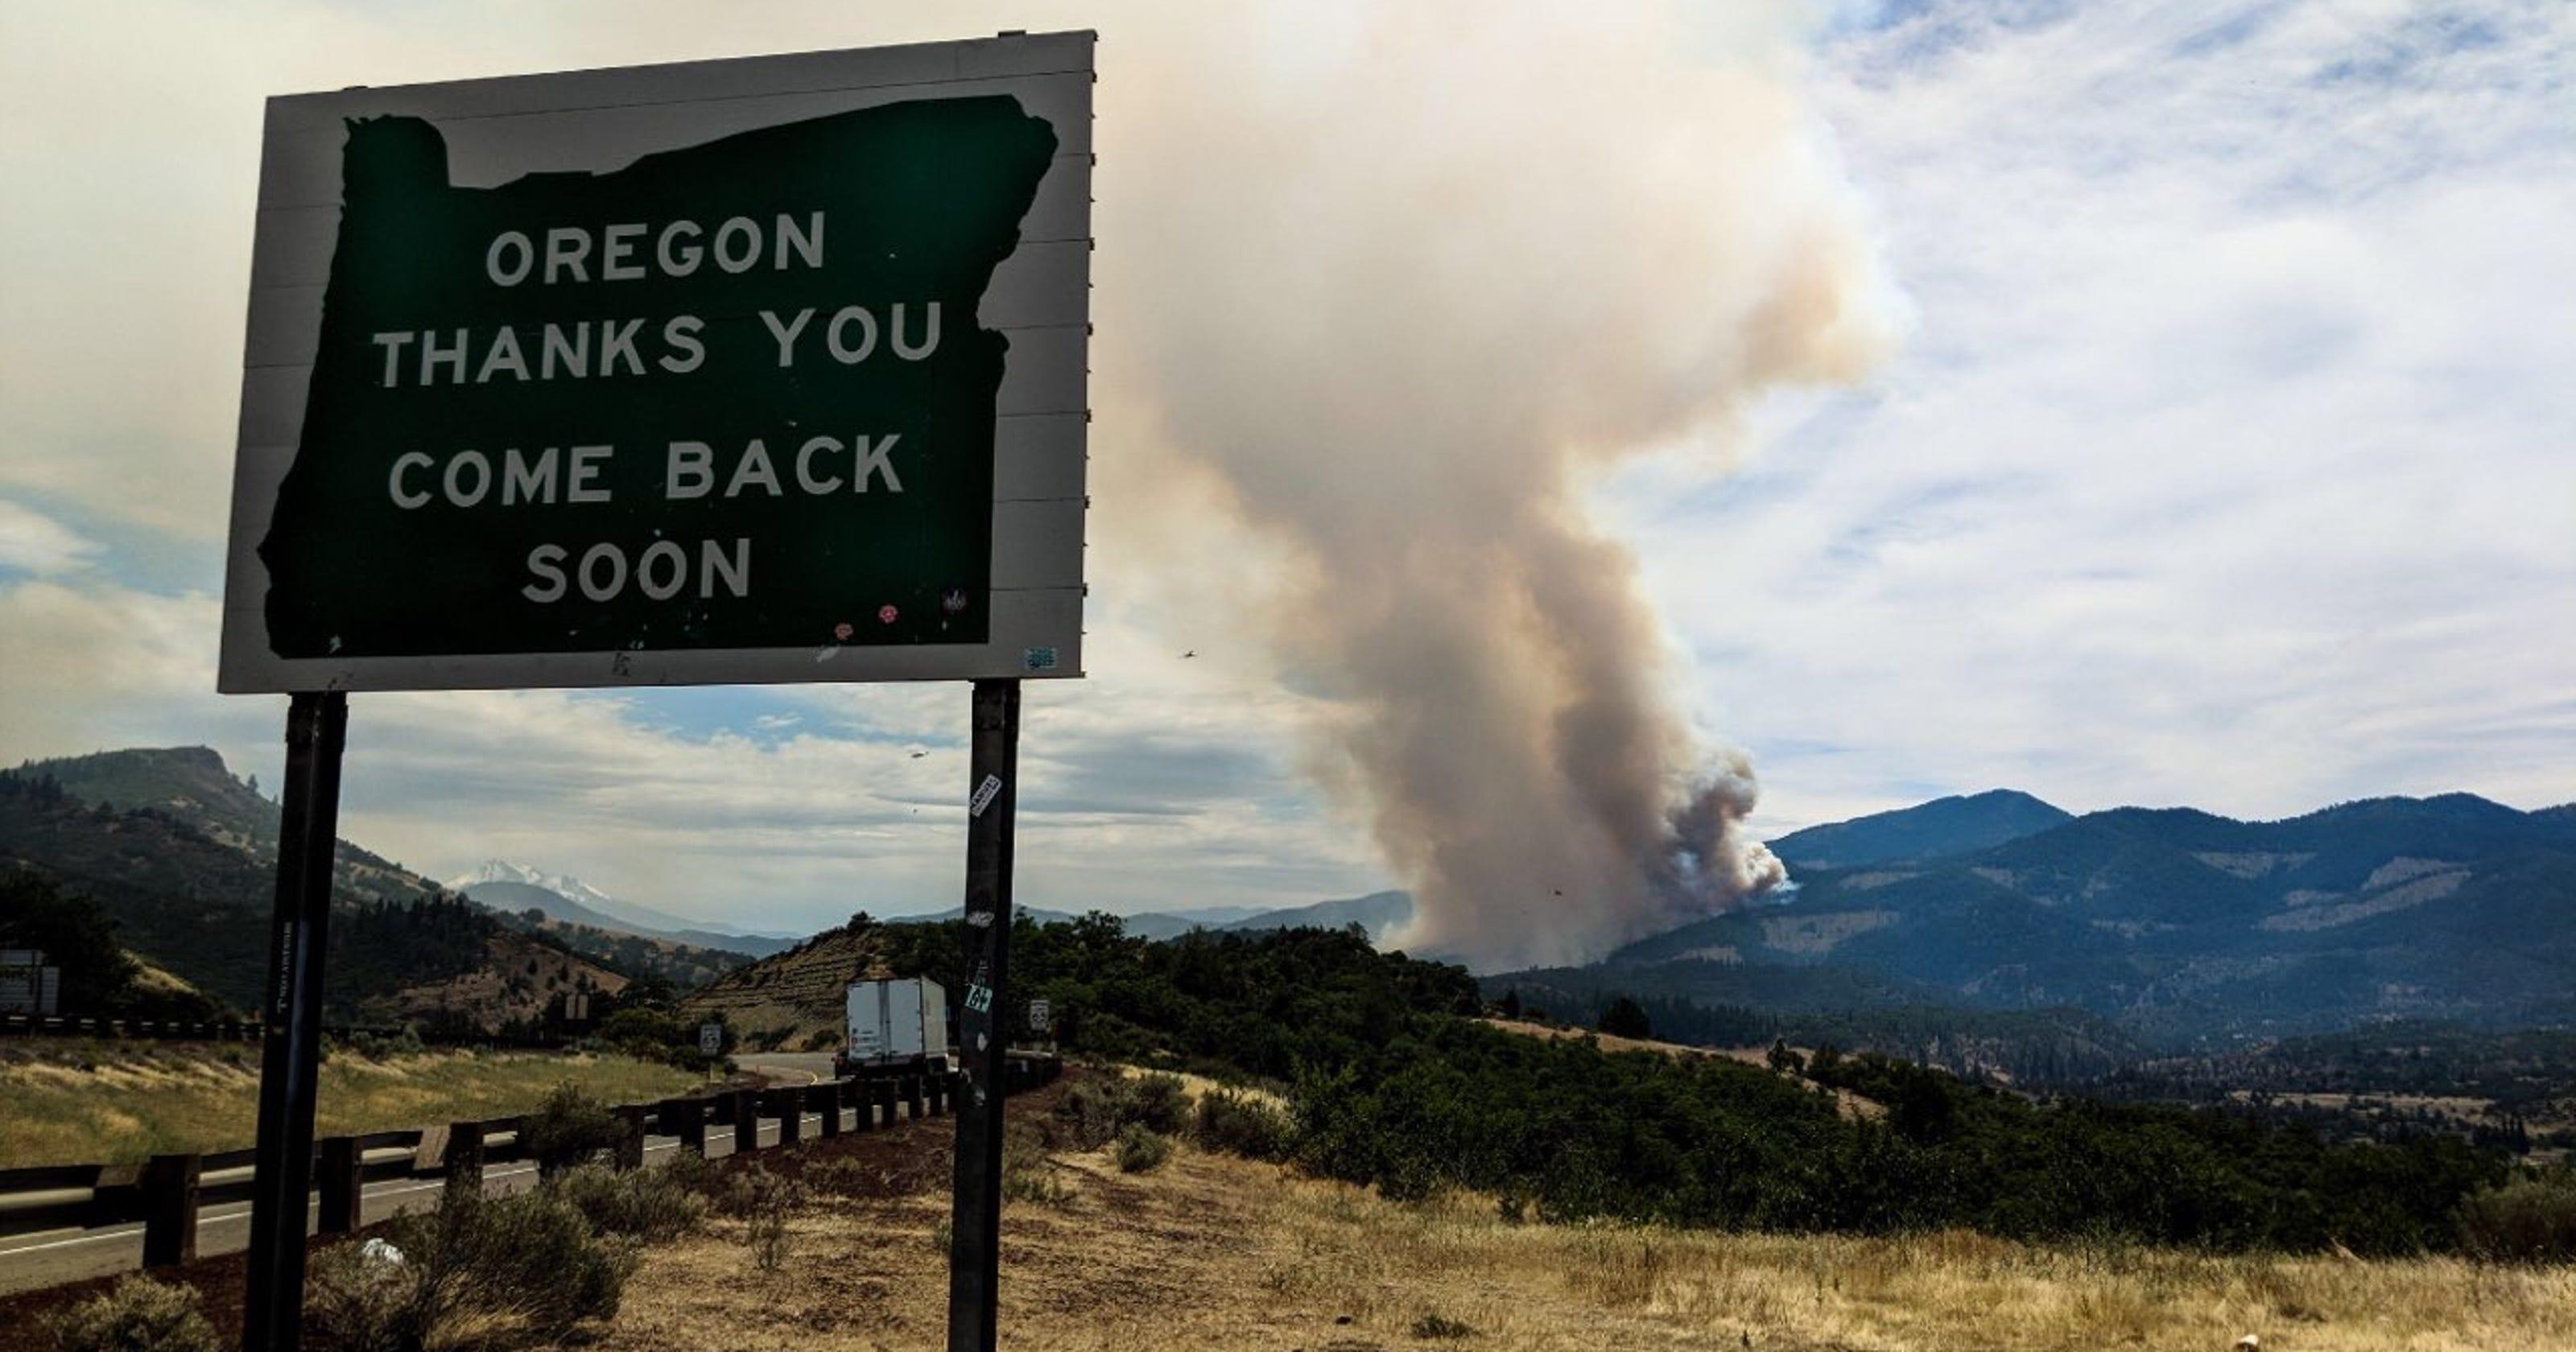 Update Klamathon Fire Now 22 000 Acres But Slowing Down In Oregon